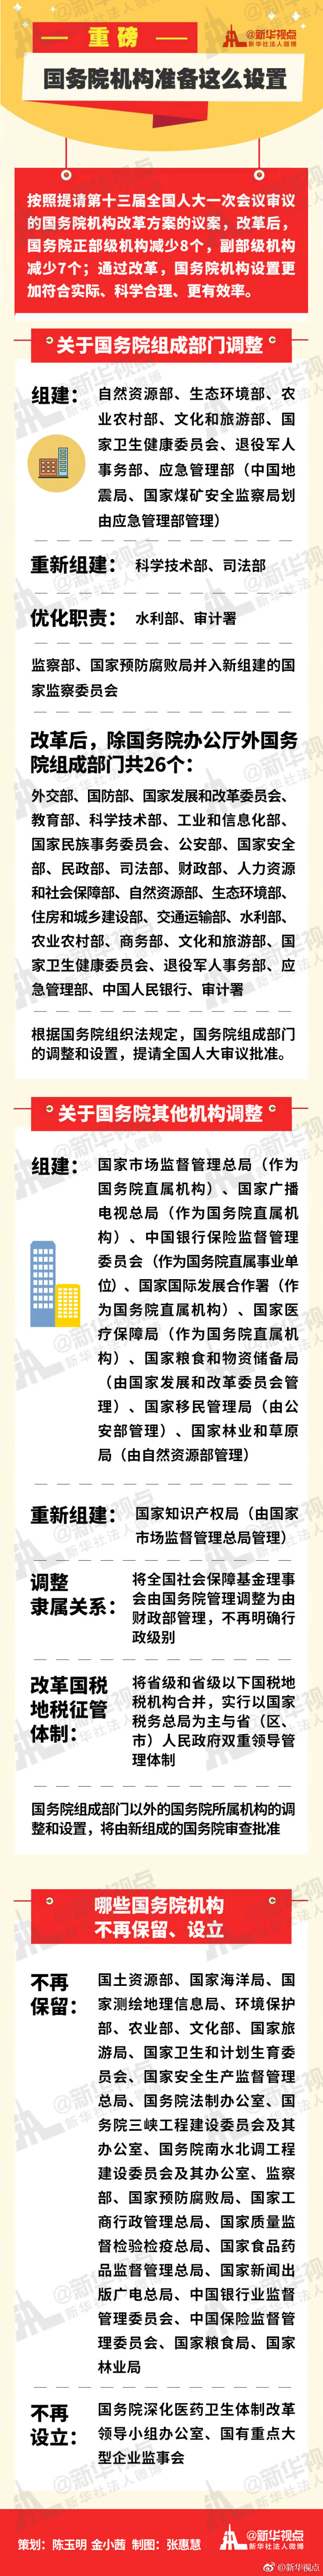 国务院设置组成部门26个